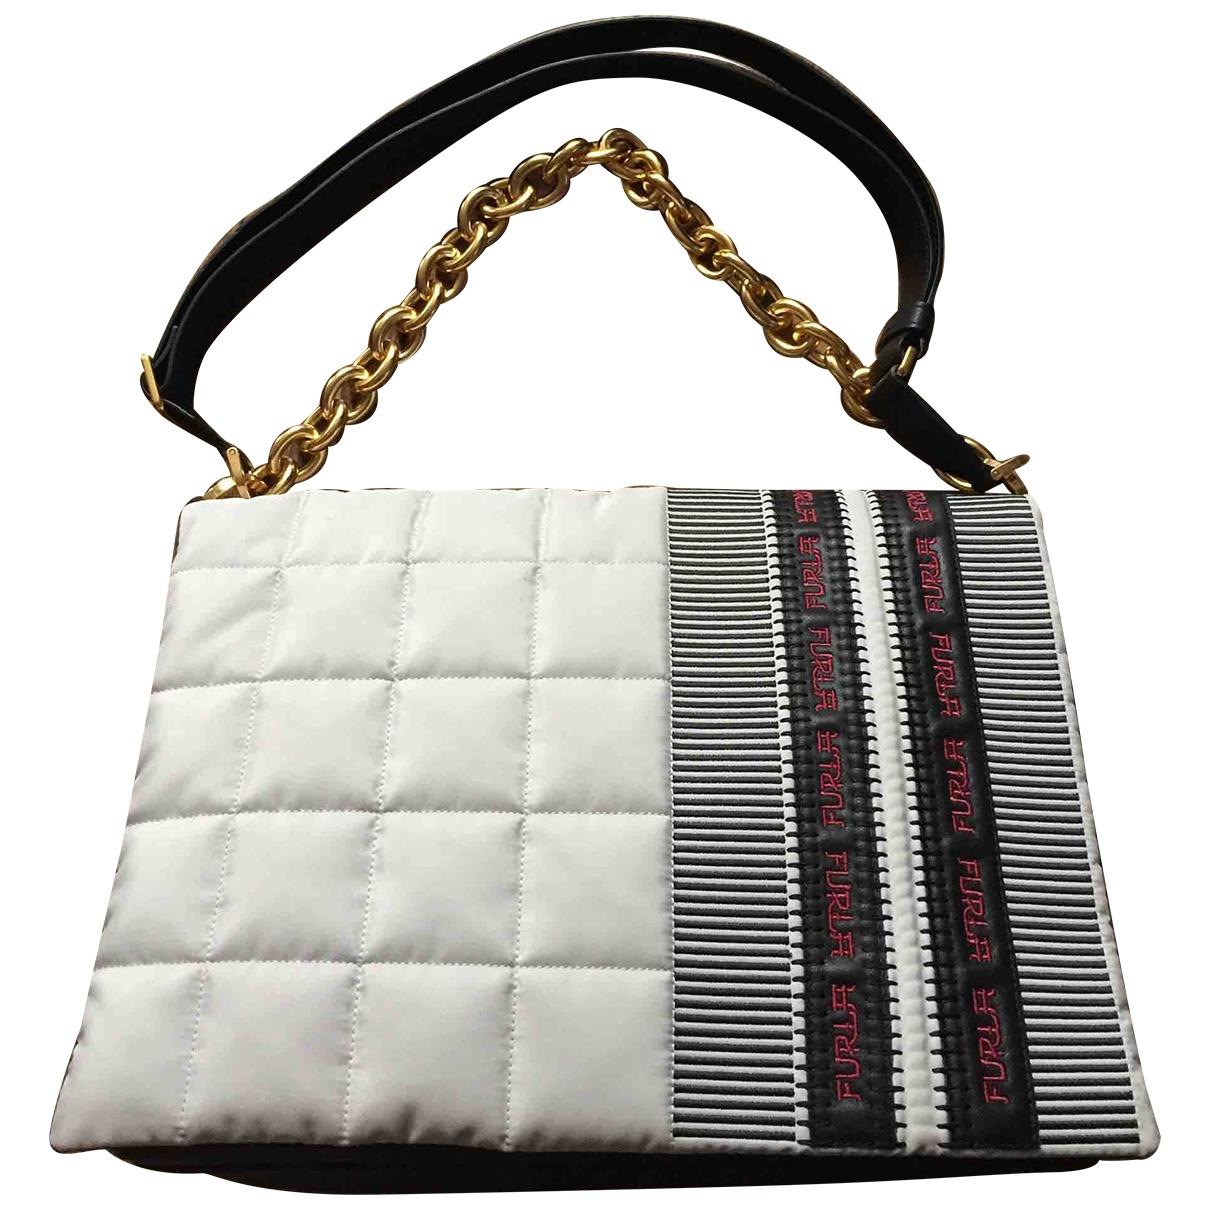 Furla \N Grey Leather handbag for Women \N